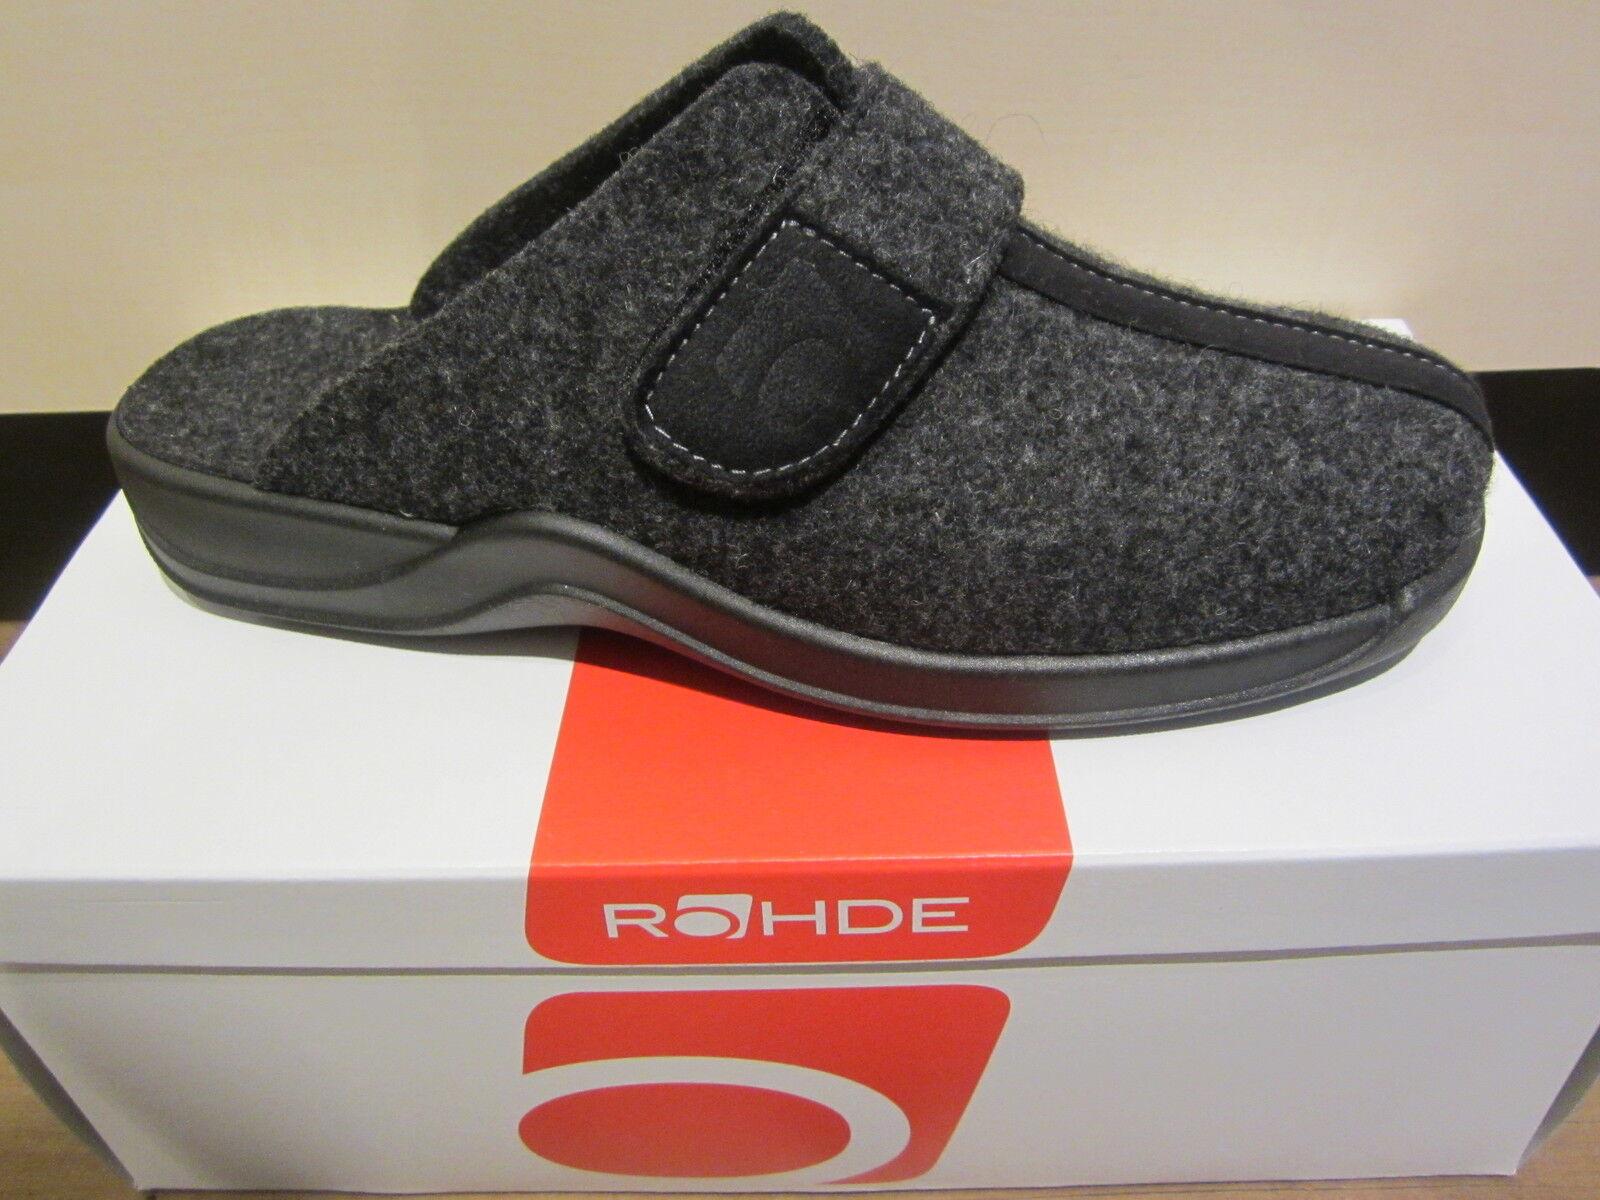 Pantofole da uomo Rohde uomo pantofola con feltro morbido, Nero NUOVO